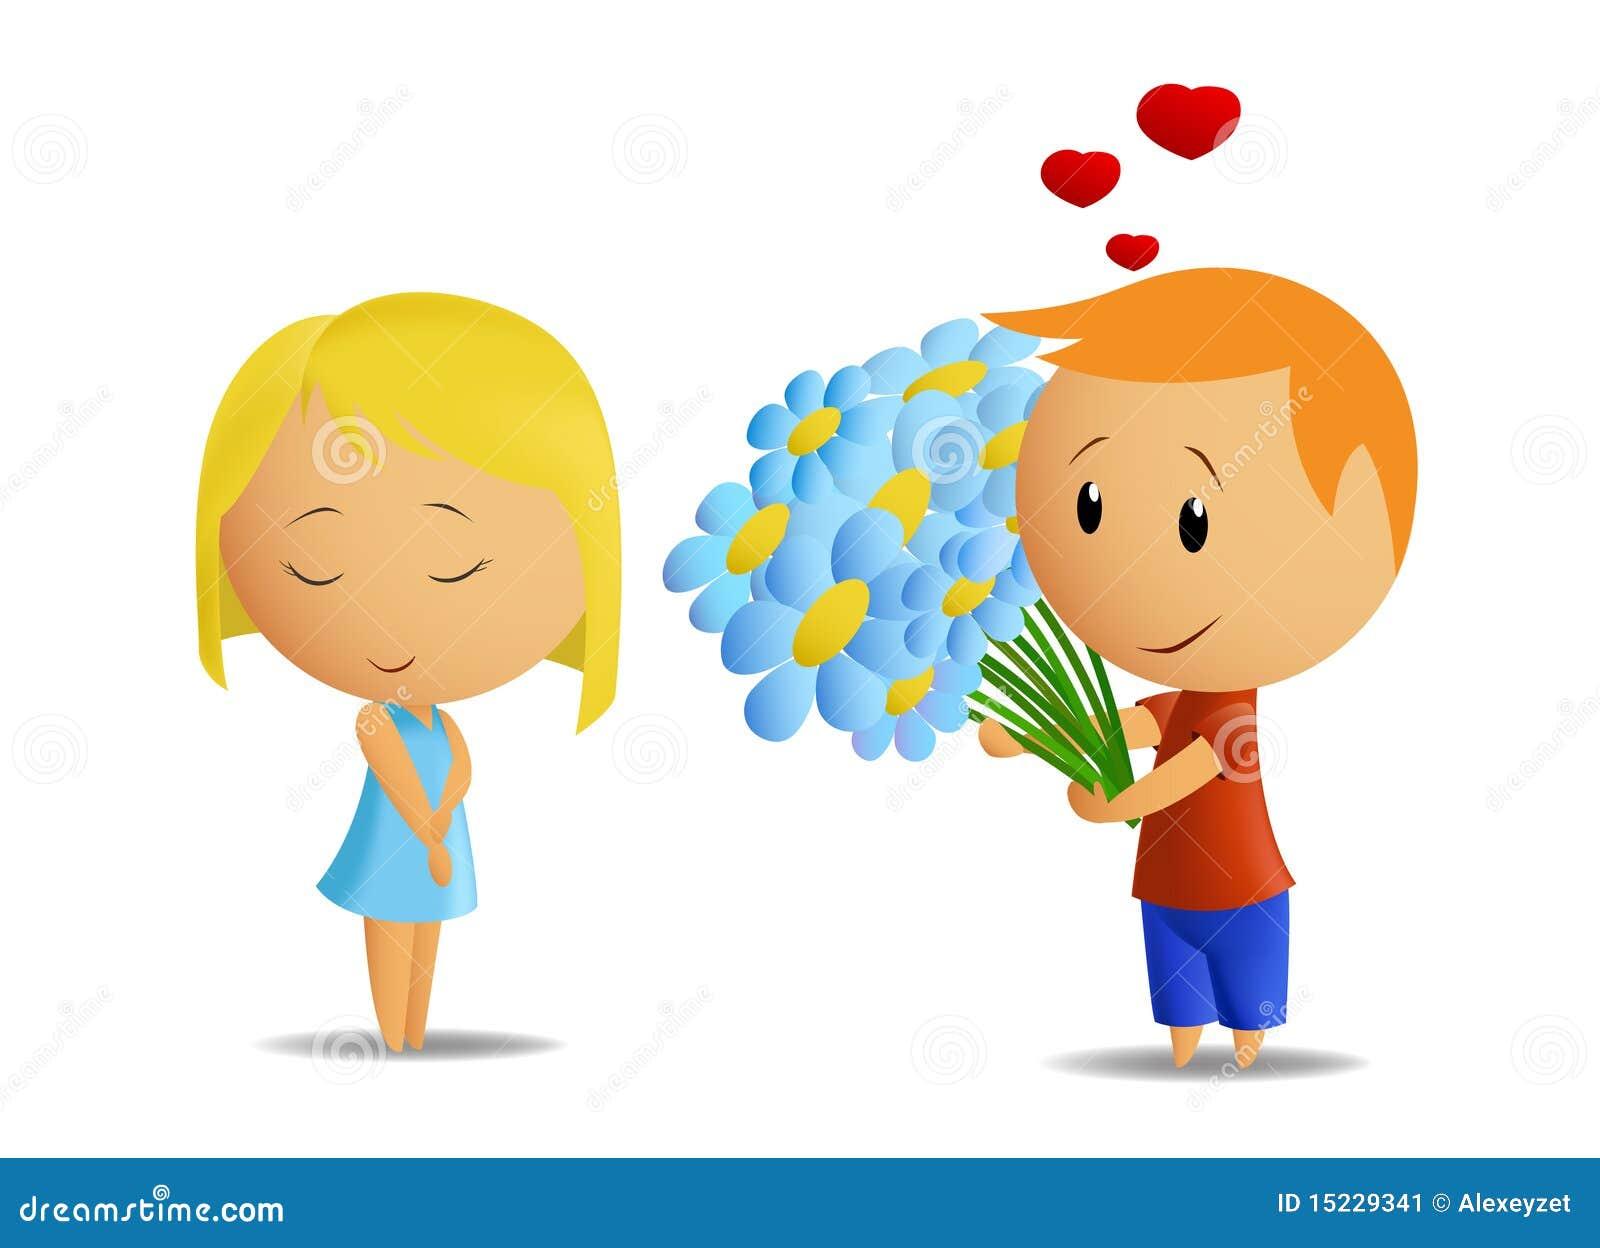 Рисунок в цвете мальчика